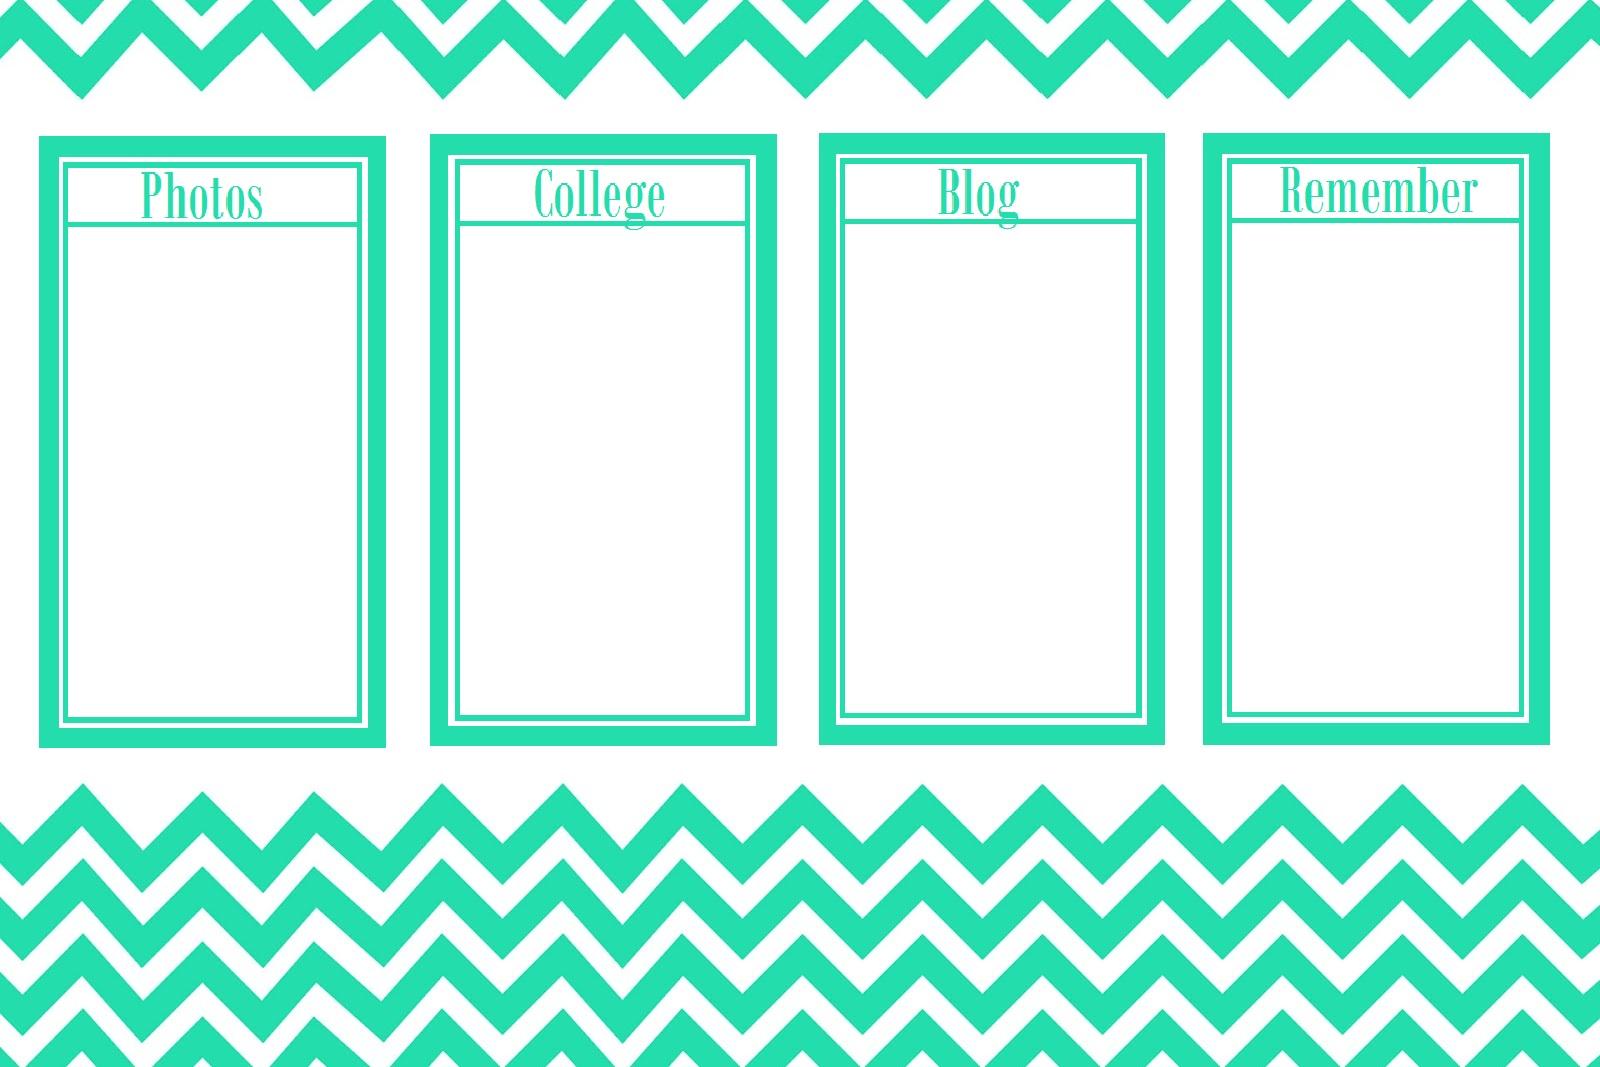 Desktop organization wallpaper wallpapersafari for Trending wallpaper